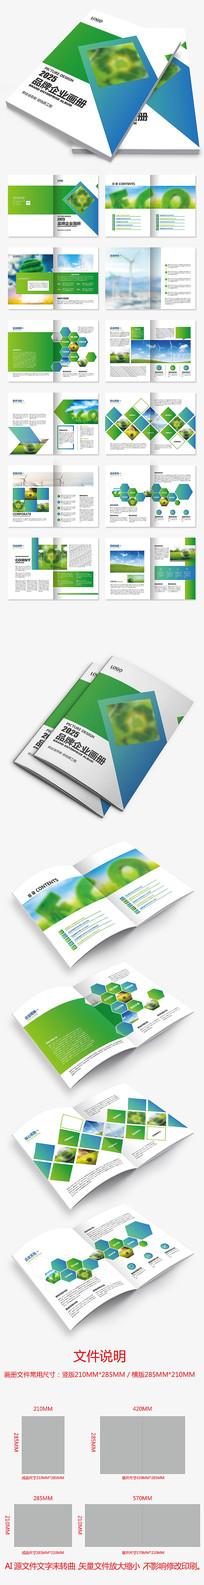 绿色科技环保宣传册绿色企业画册设计模板